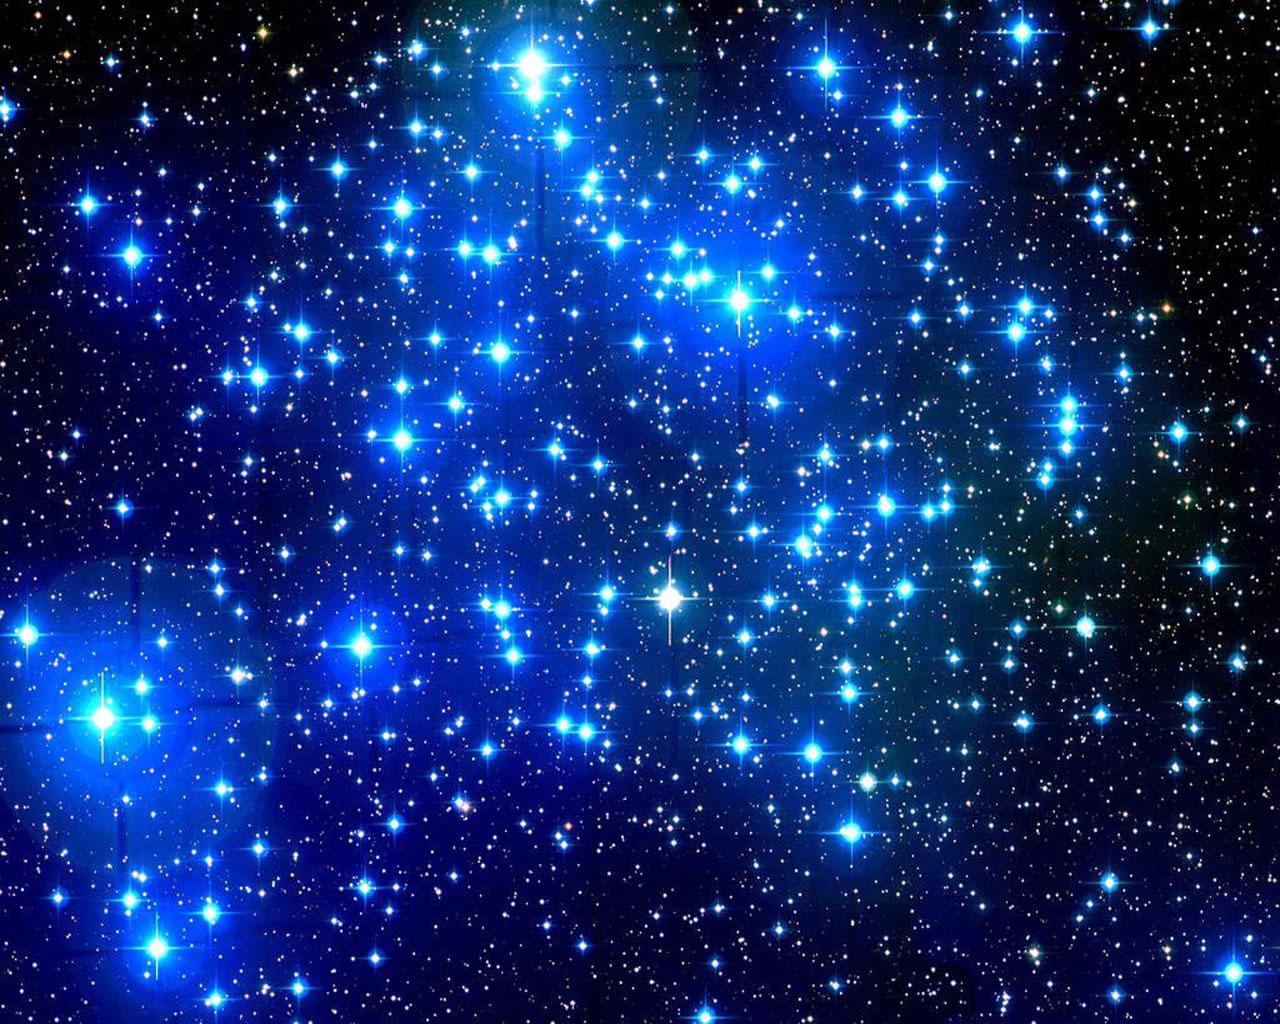 La VERDAD sobre la estrella faro extraterrestre KIC 5520878 de la constelación de Lyra